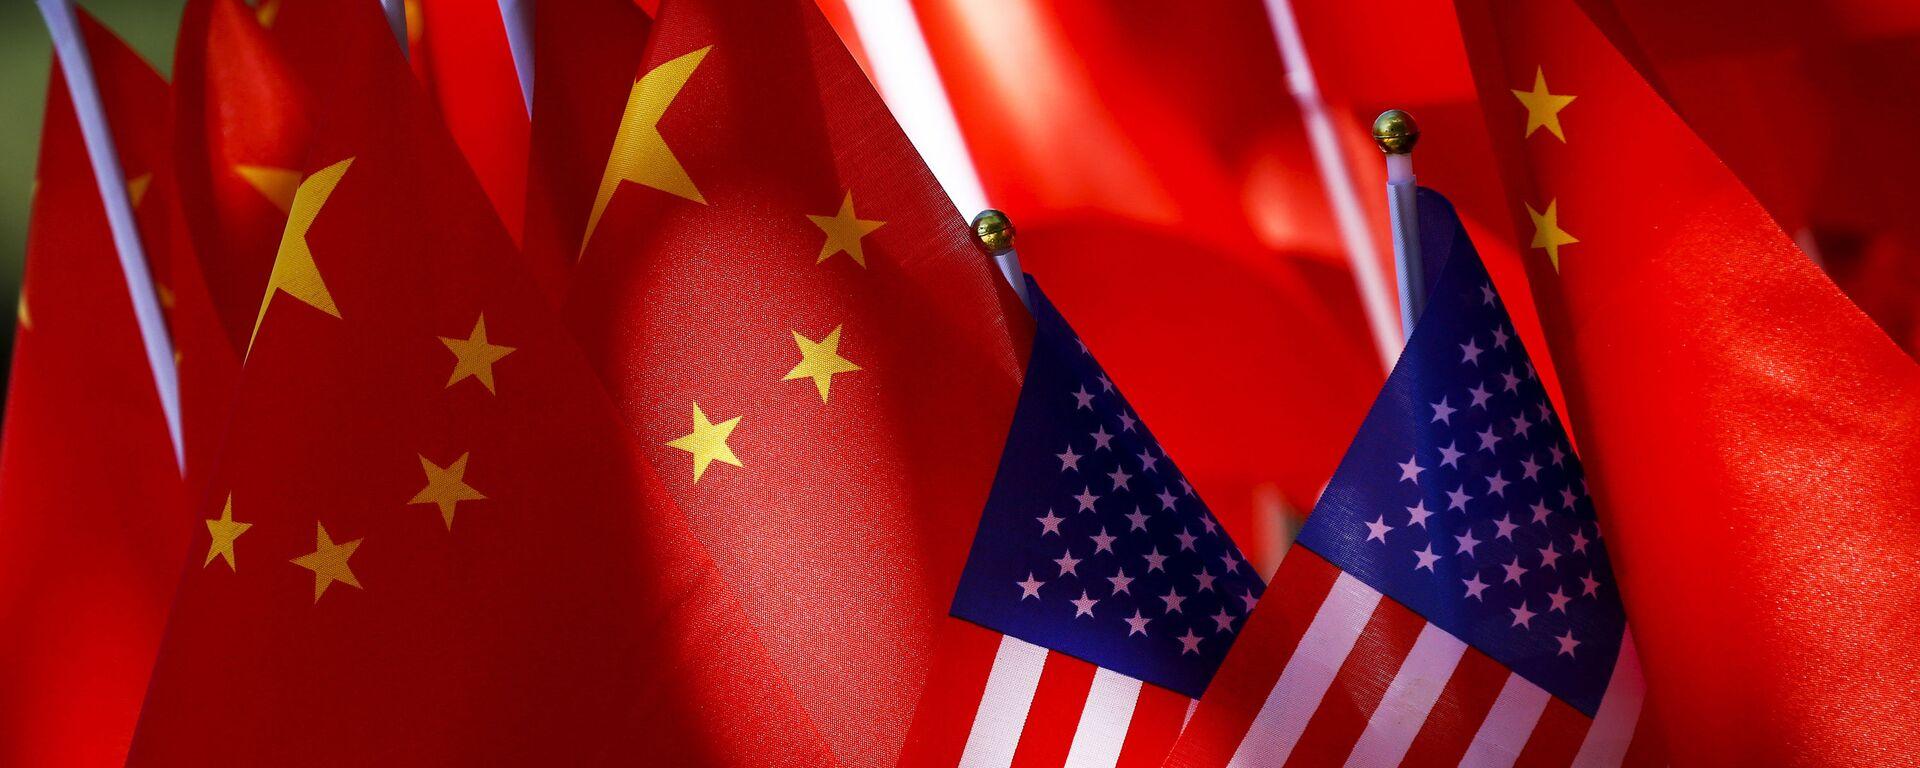 Flagi USA i Chin. - Sputnik Polska, 1920, 29.08.2021